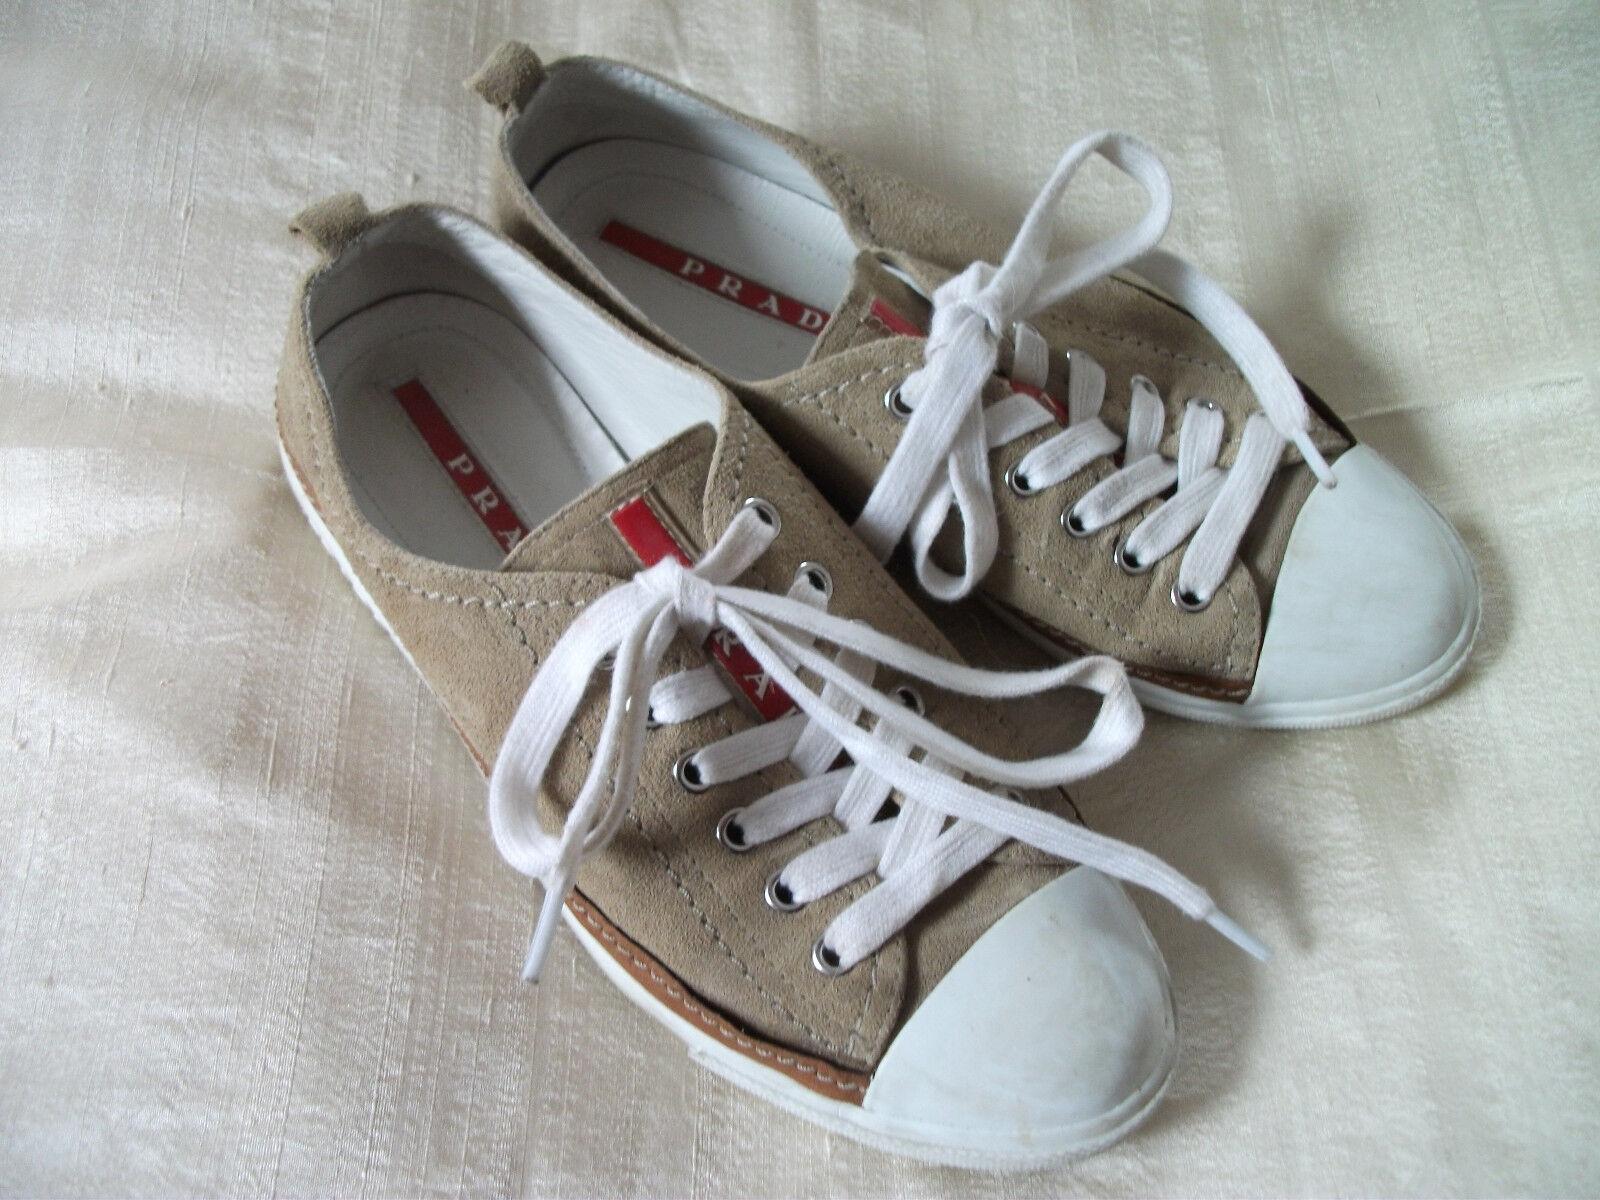 Orig.PRADA Orig.PRADA Orig.PRADA - sportliche,exclusive Leder-Sneaker (Materialmix) Gr. 37 neuw. 23af5a